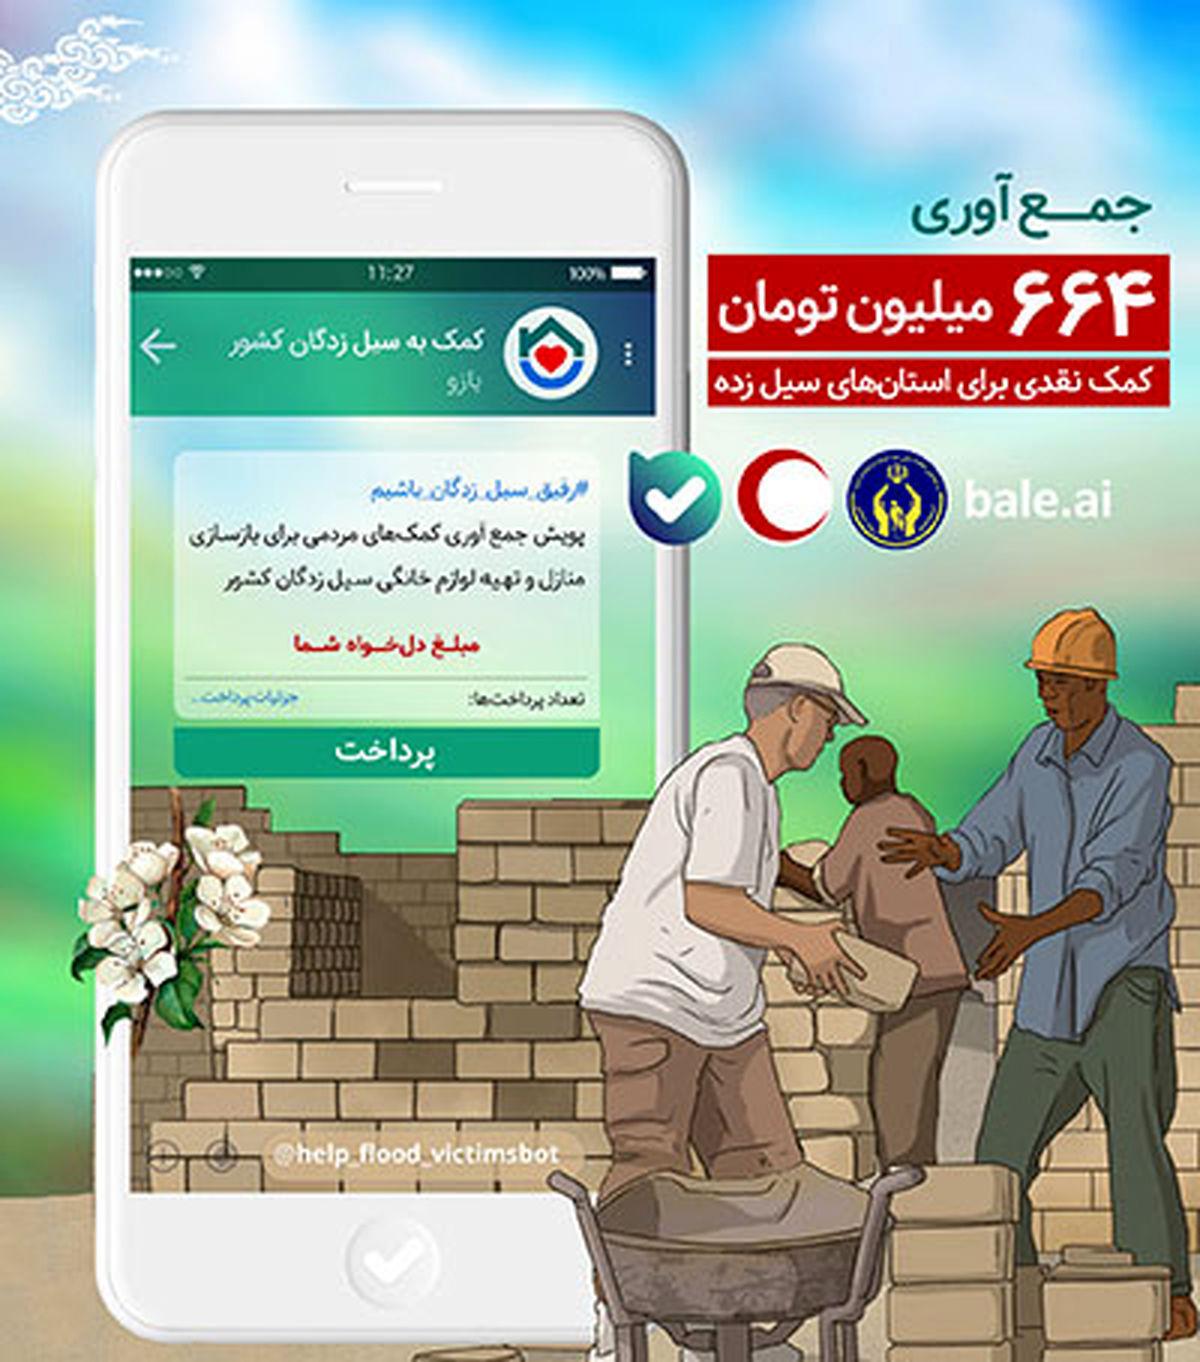 ۶۶۴ میلیون تومان کمک نقدی برای استانهای سیل زده در اپلیکیشن «بله» جمع آوری شد